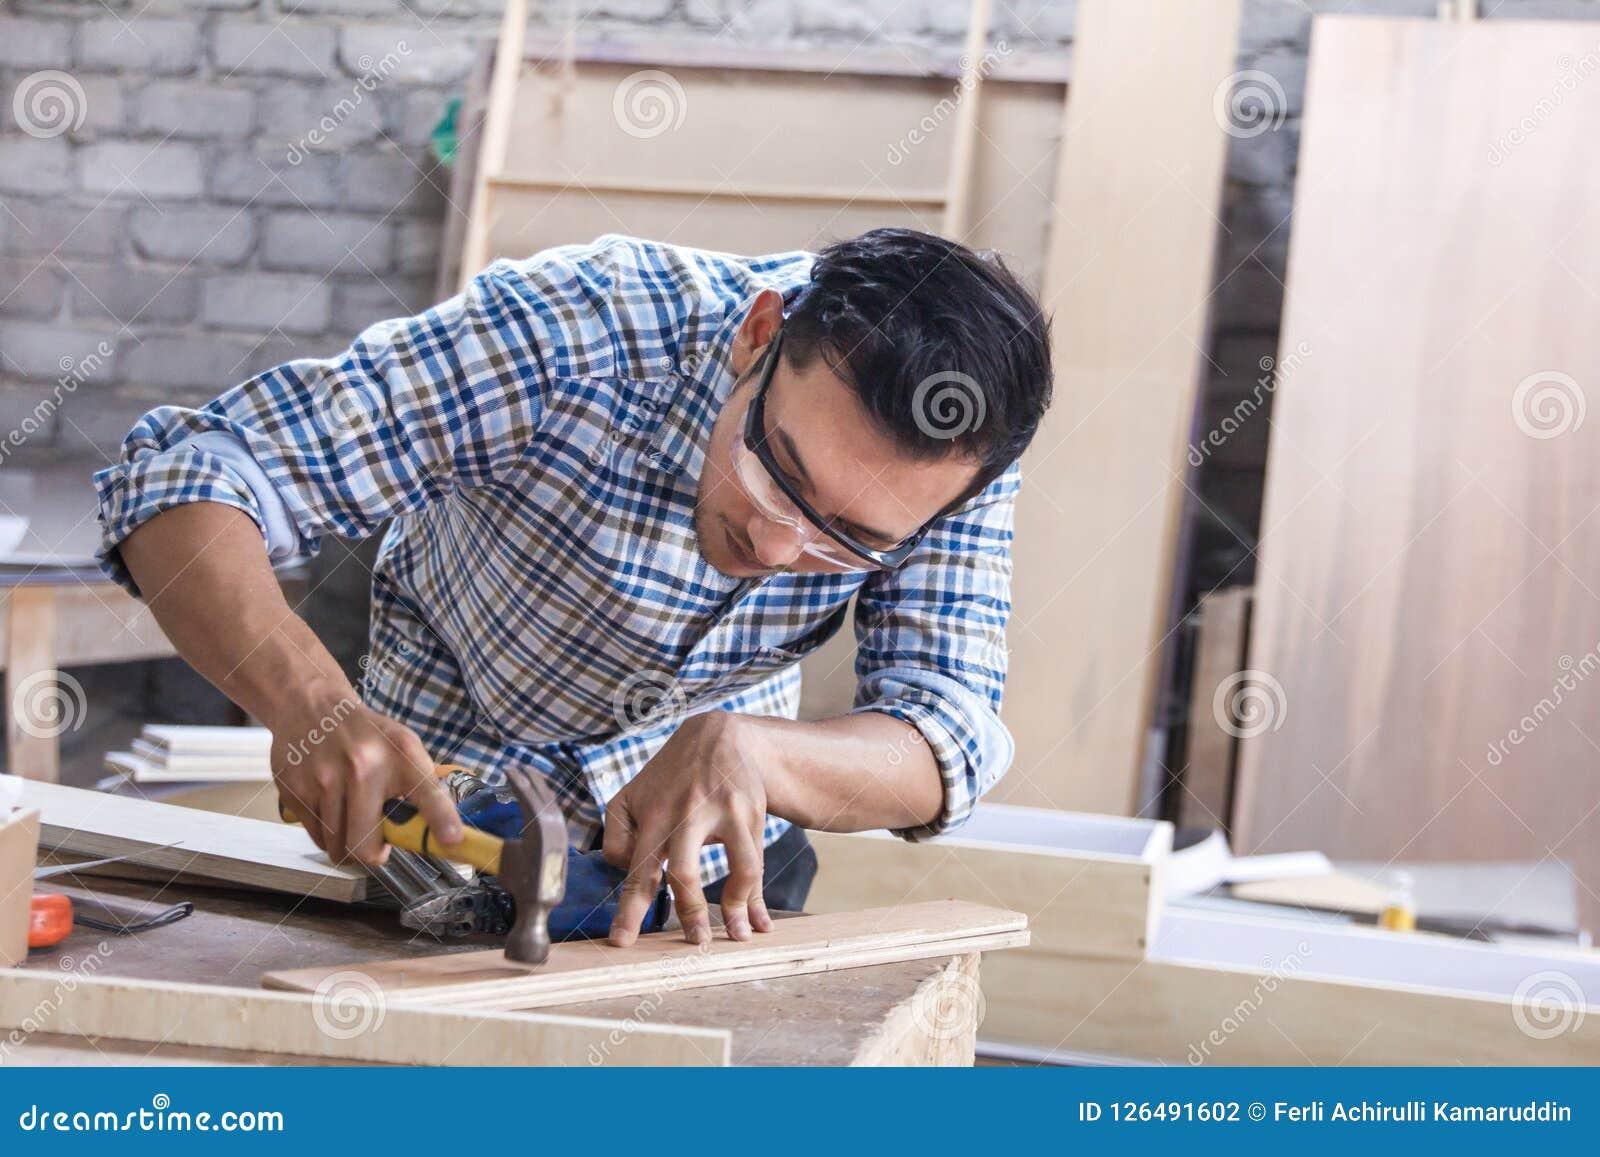 Работник на месте для работы плотника устанавливая ноготь используя молоток